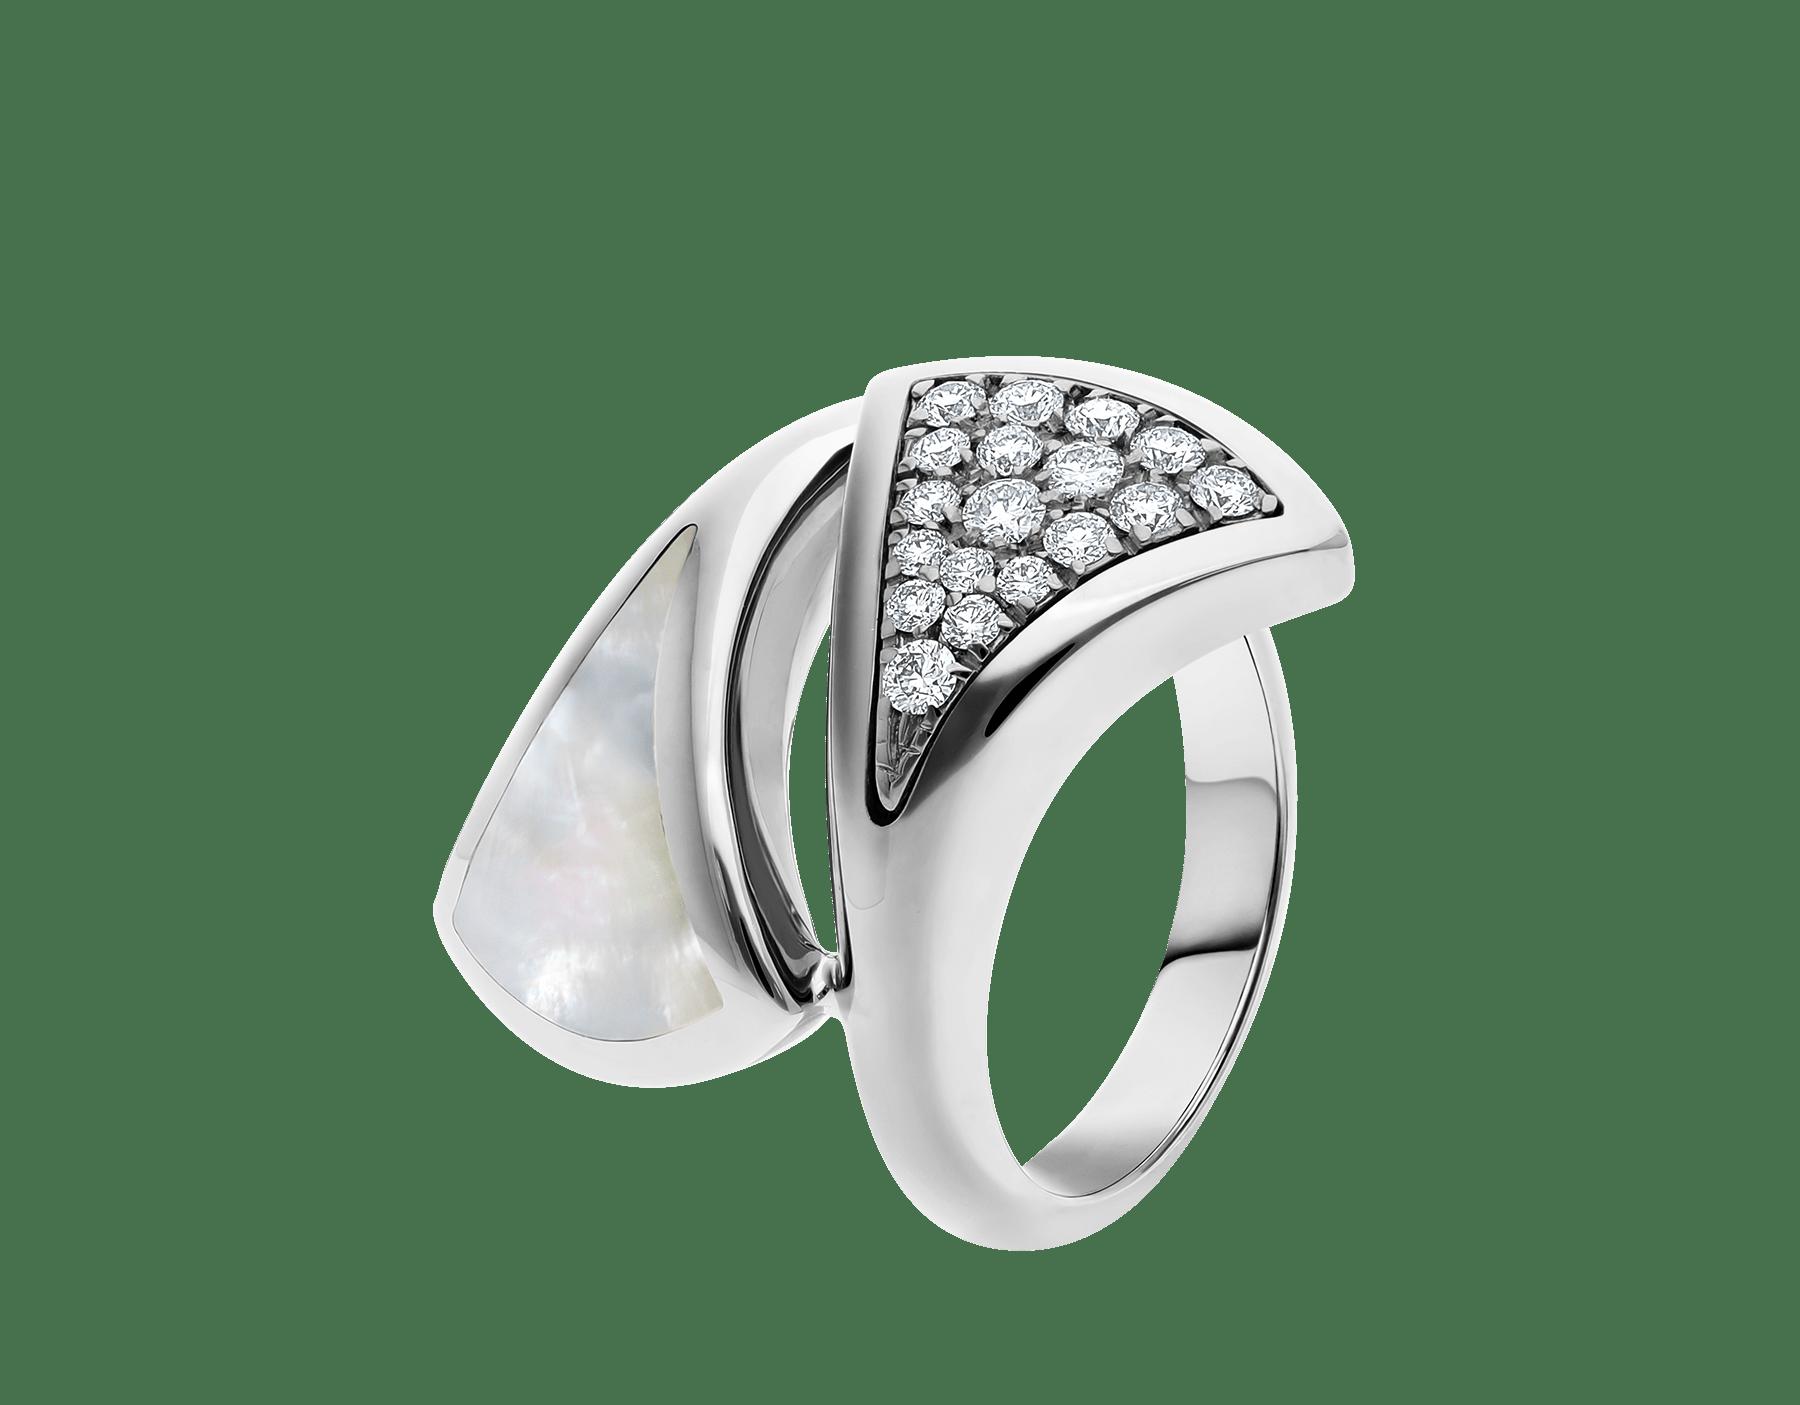 Anillo Contraire DIVAS' DREAM en oro blanco de 18 qt con madreperla y pavé de diamantes. AN857957 image 1